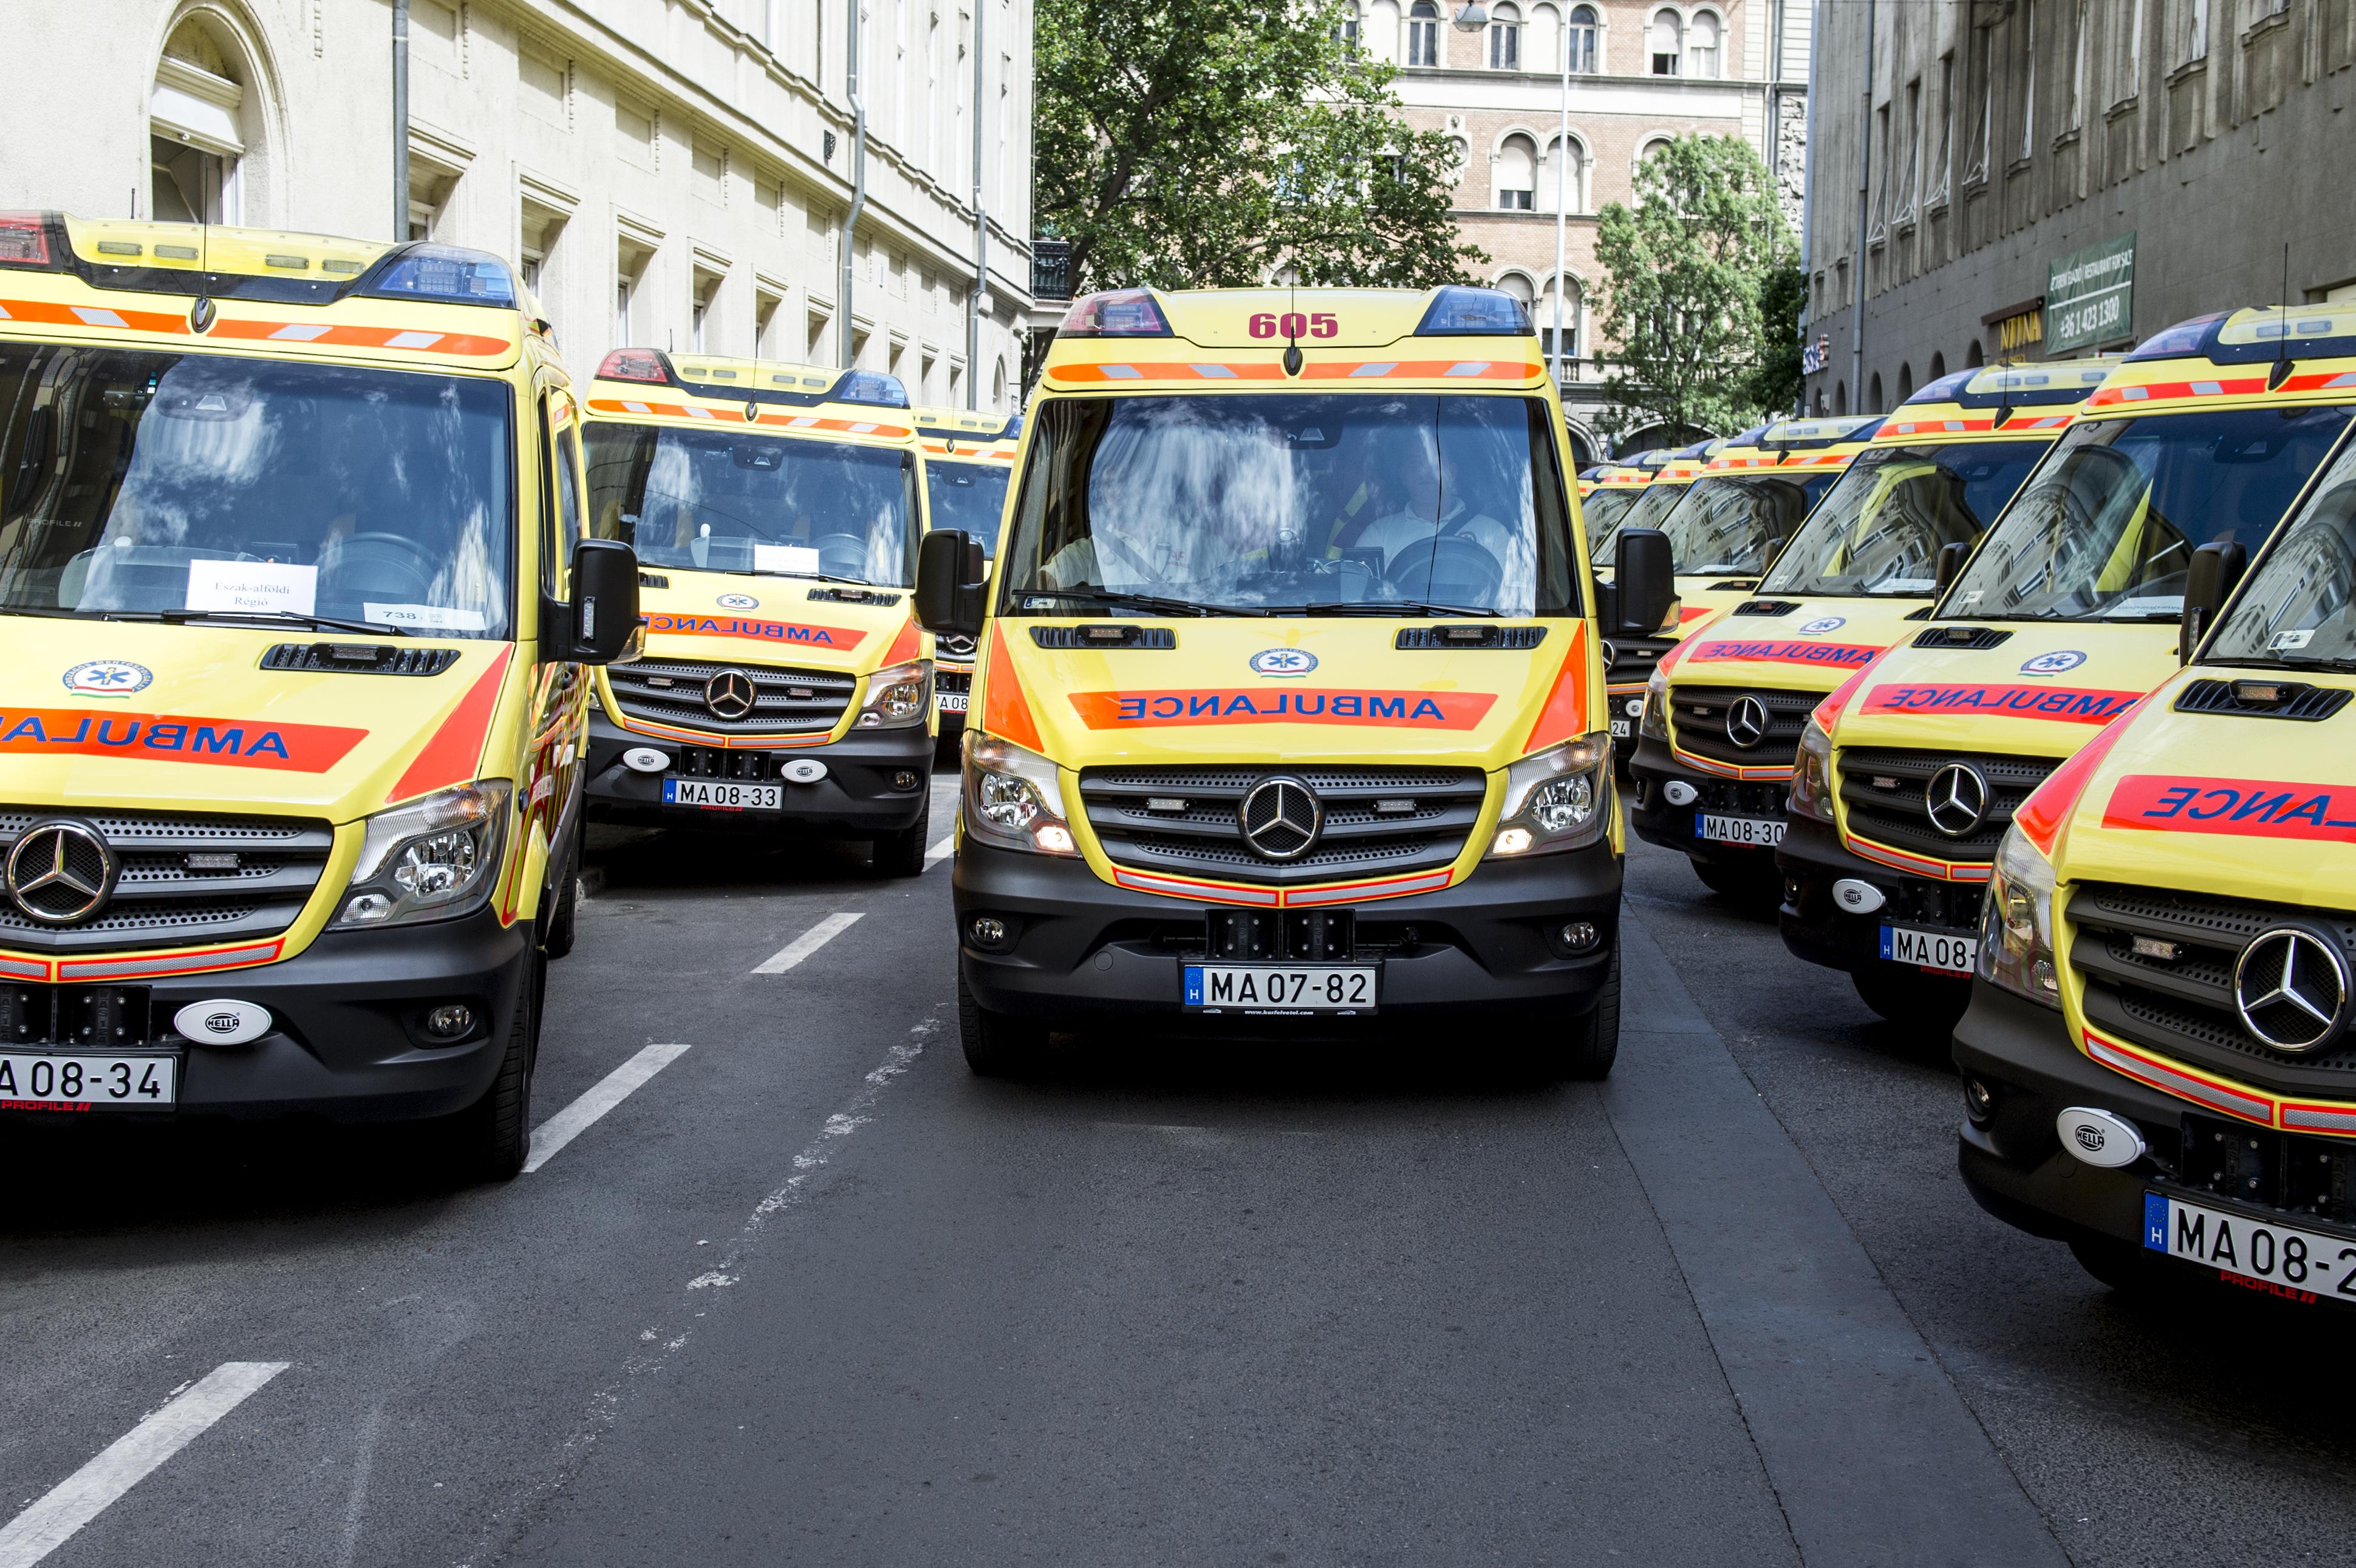 RTL Klub: meghalt a fiú, akihez fél óra alatt ért ki a mentő